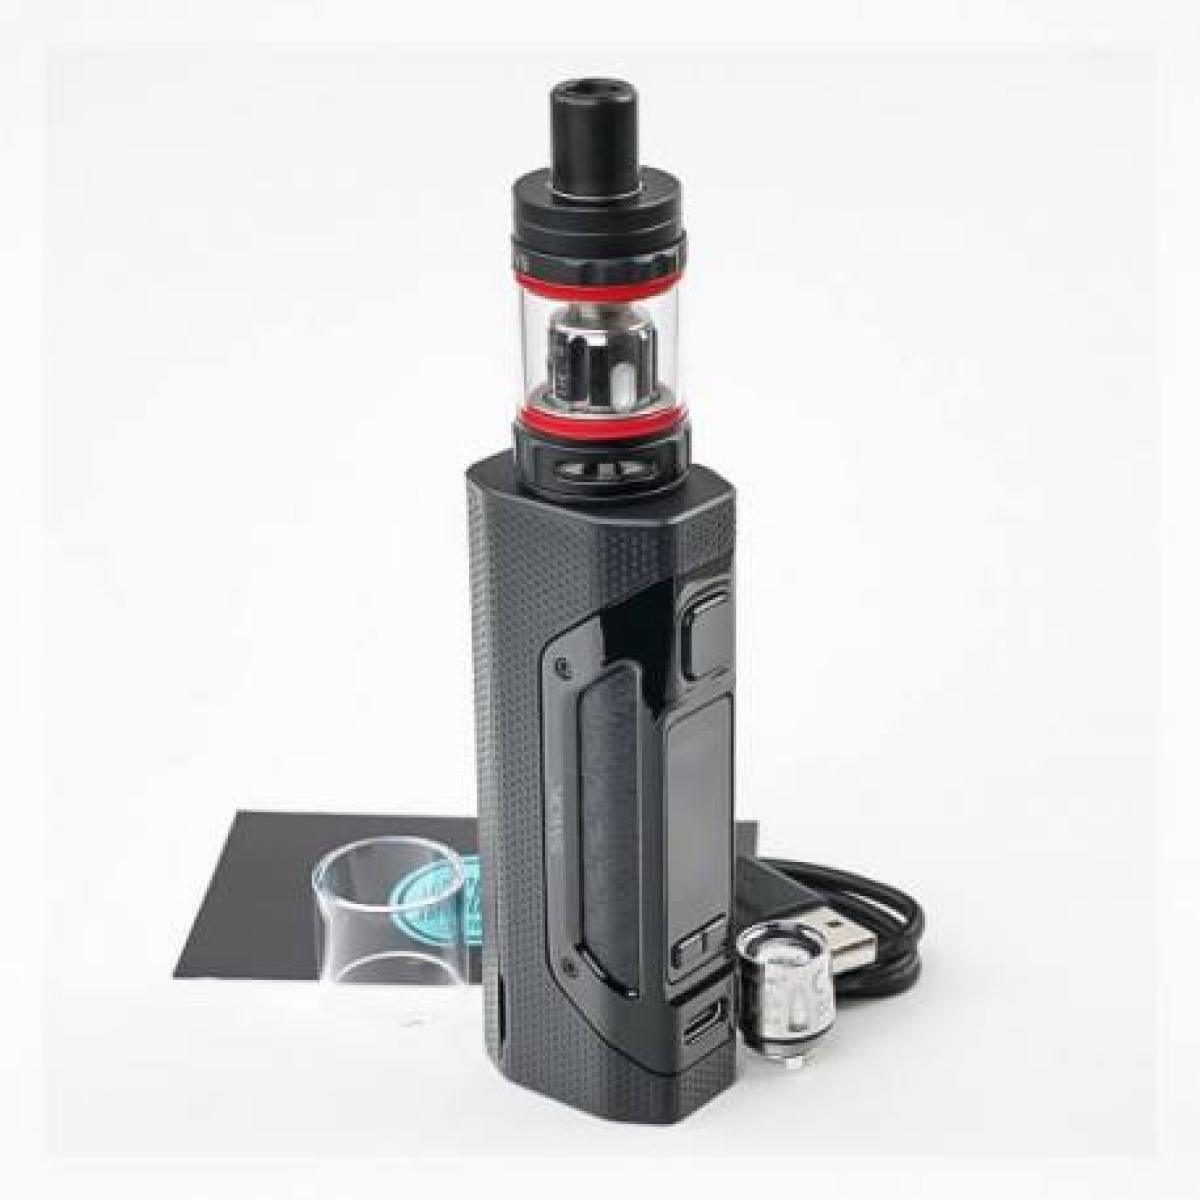 Smok Rigel Mini 80W kit